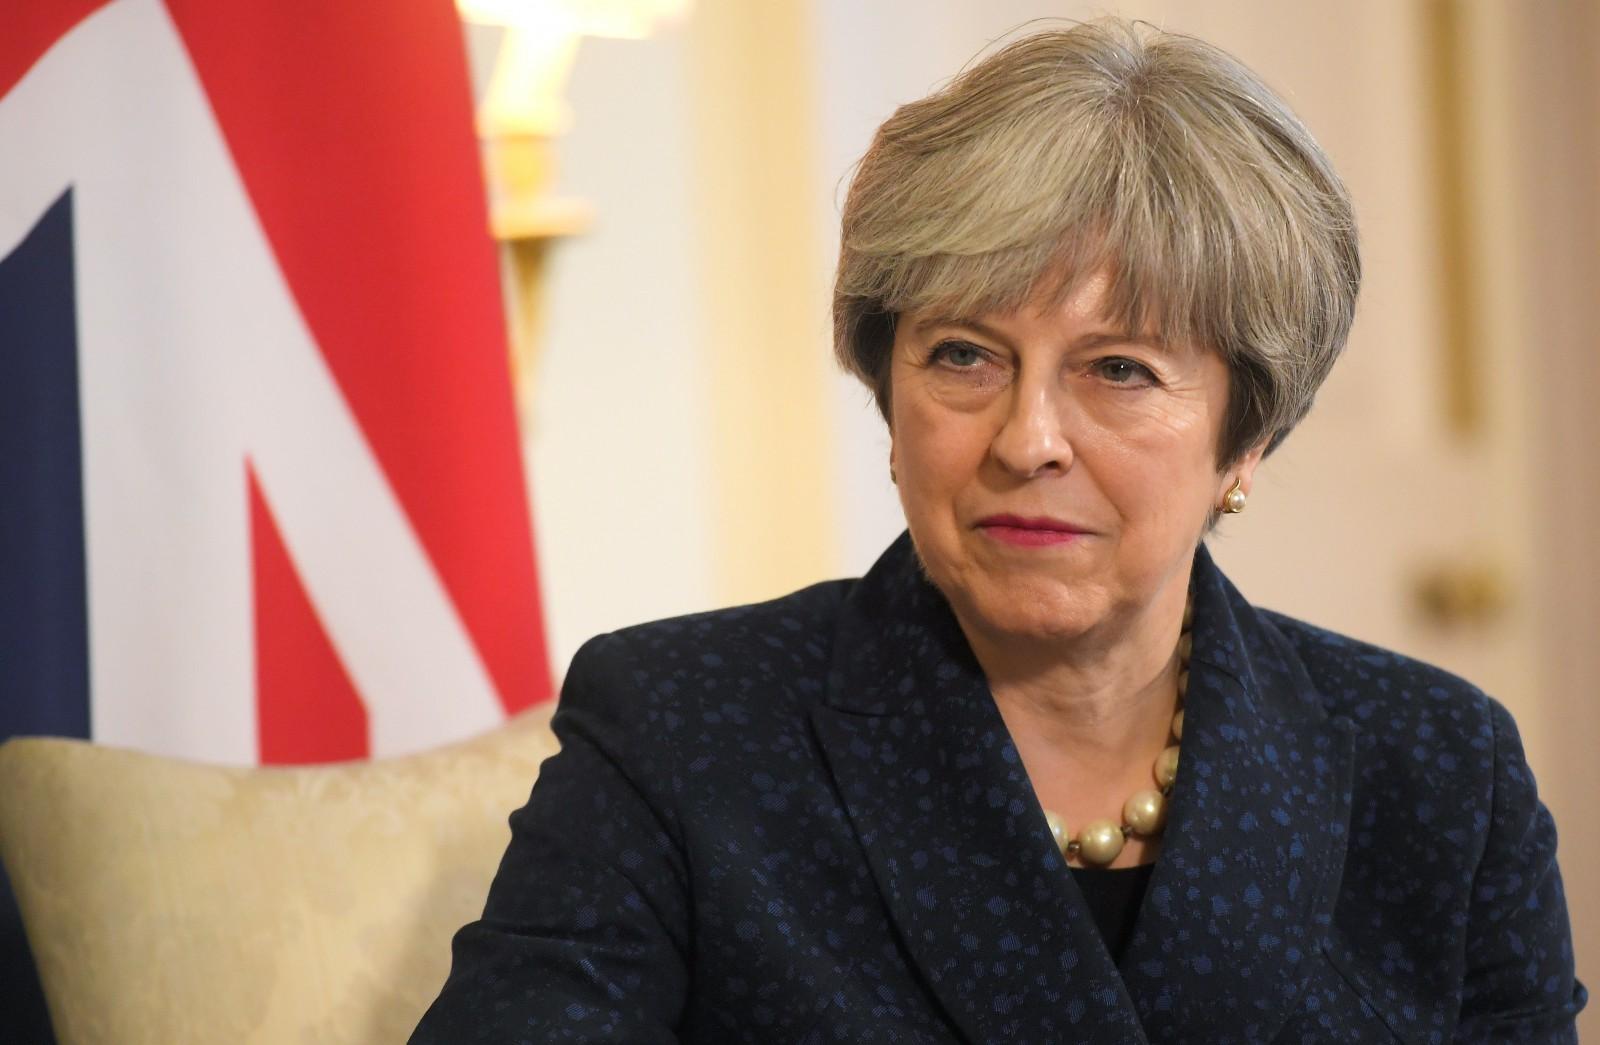 Marea Britanie va expulza 23 de diplomați ruși, pe marginea scandalului cu otrăvirea unui fost spion din Rusia